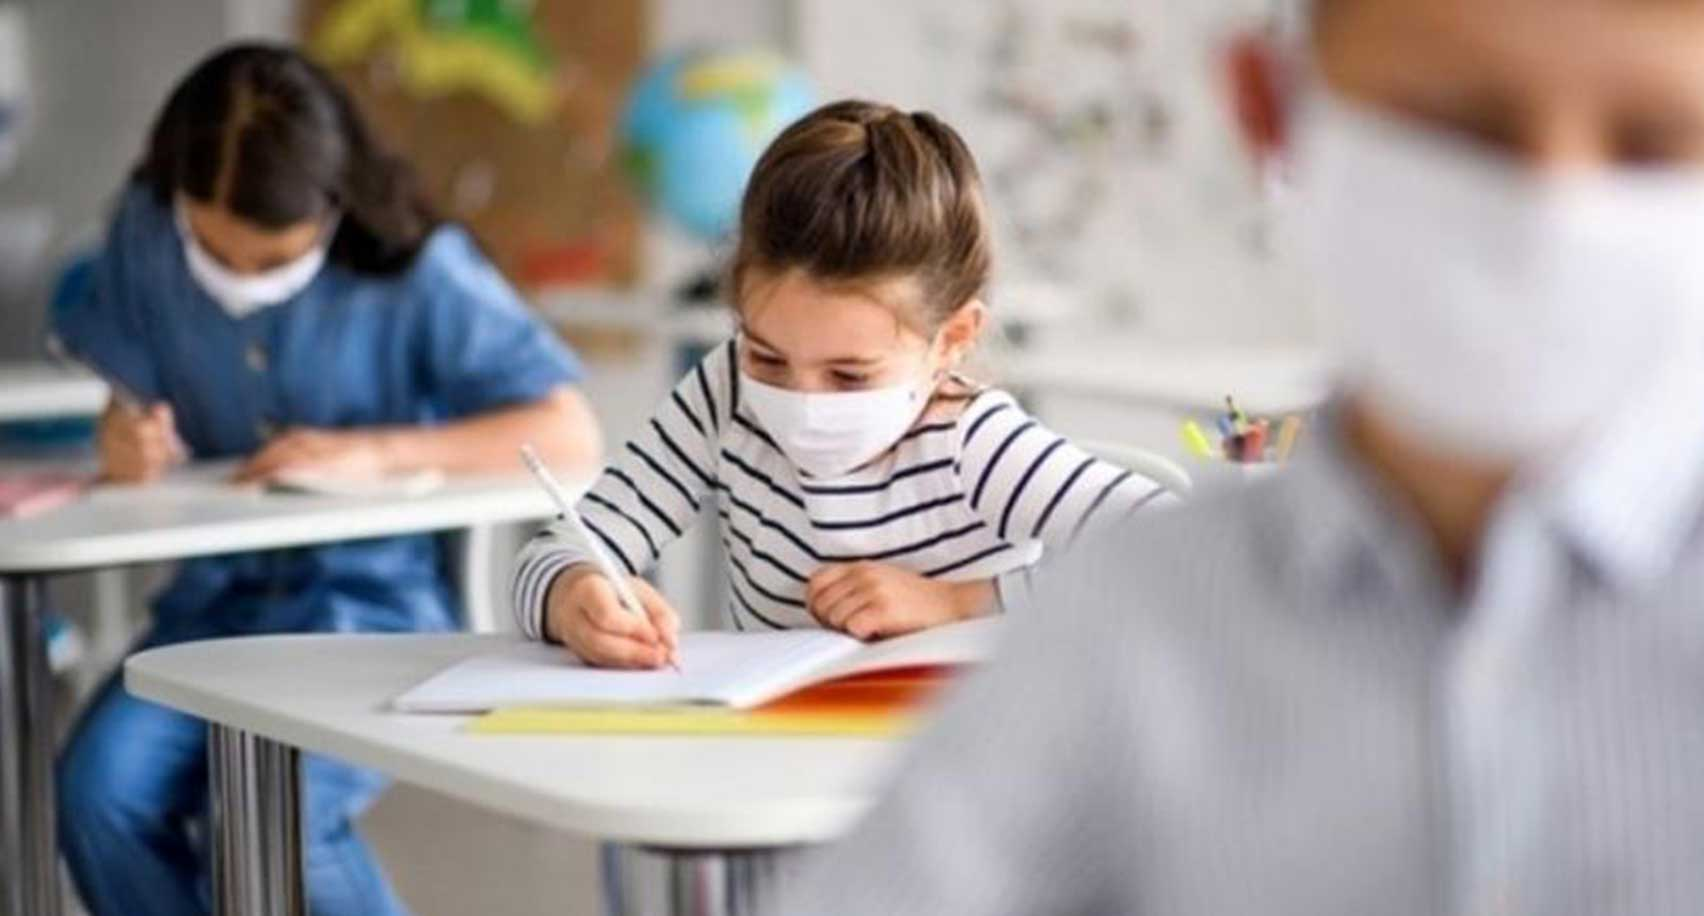 Yüz yüze eğitim 'skandalı': Matematik yerine din dersi olacak!